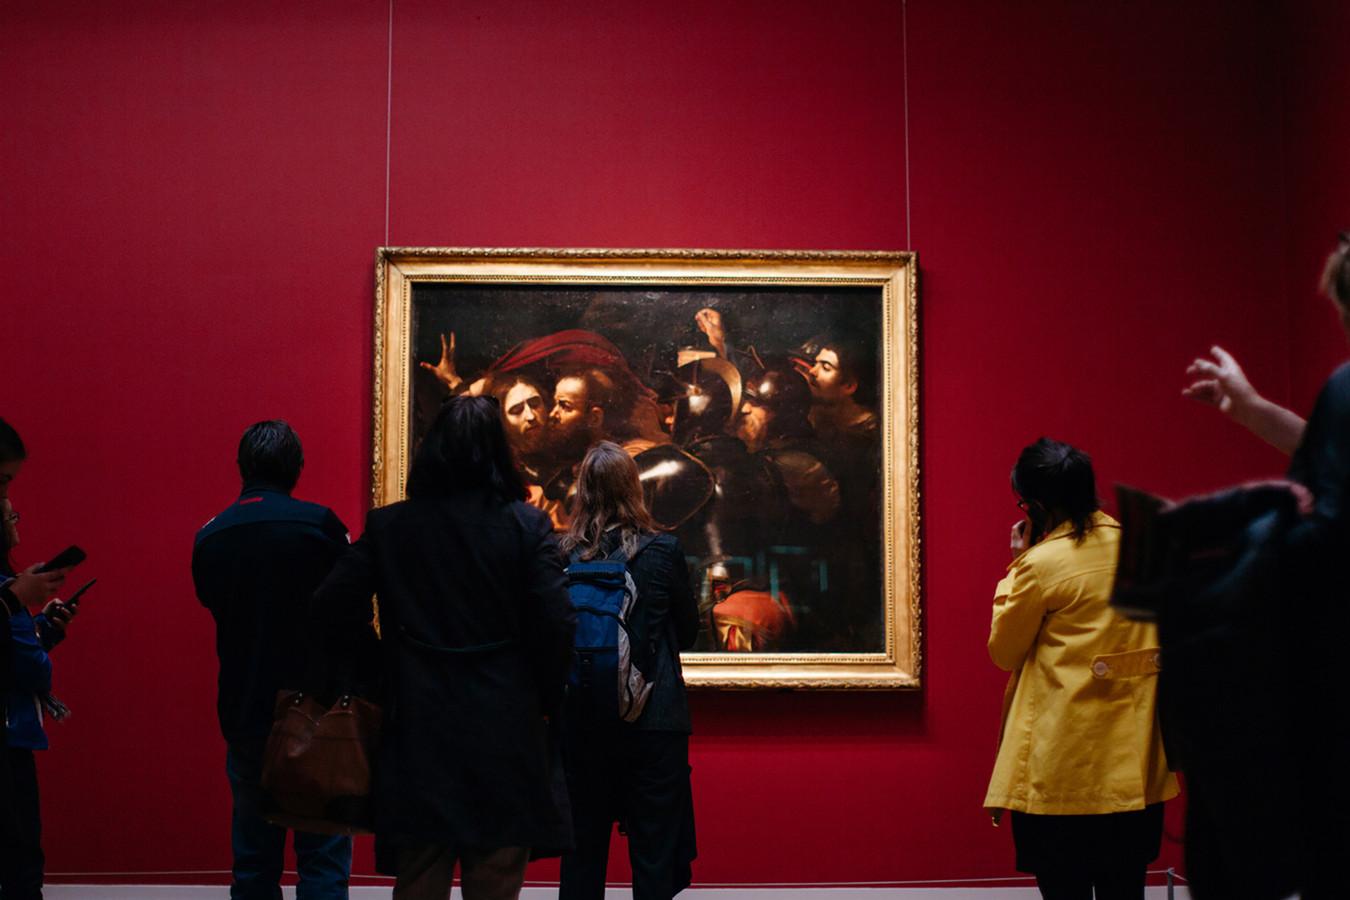 Bezoekers bekijken het schilderij De Gevangenneming van schilder Caravaggio uit 1602 in de National Gallery of Ireland.